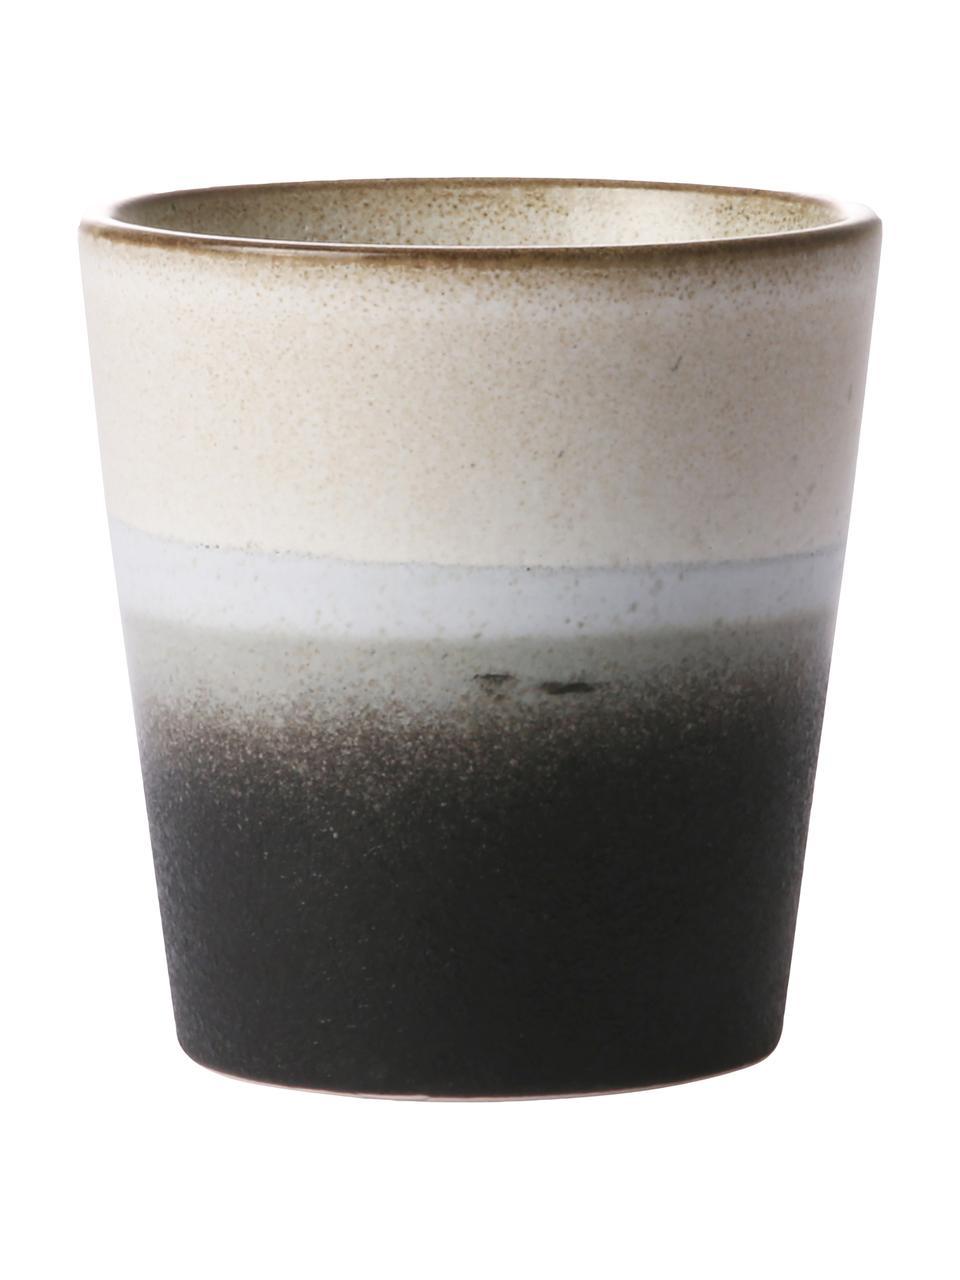 Handgemachte XS Becher 70's im Retro Style, 4 Stück, Steingut, Schwarz, Weiß, Ø 8 x H 8 cm